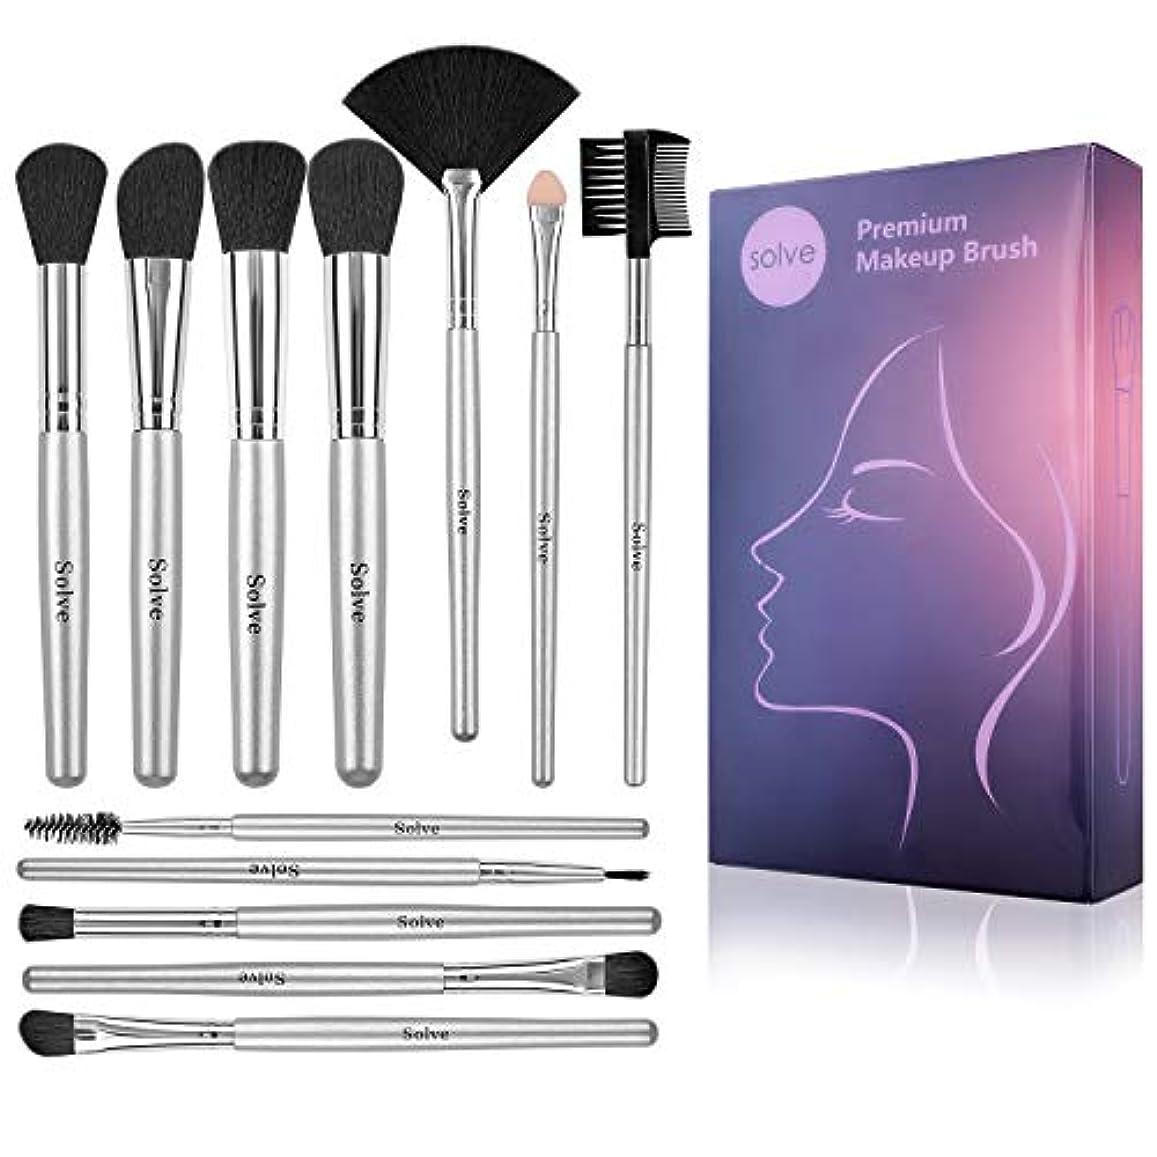 先例SOLVE メイクブラシ 12本化粧筆 シルバーセット 柔らかい化粧ブラシ 付き収納便利